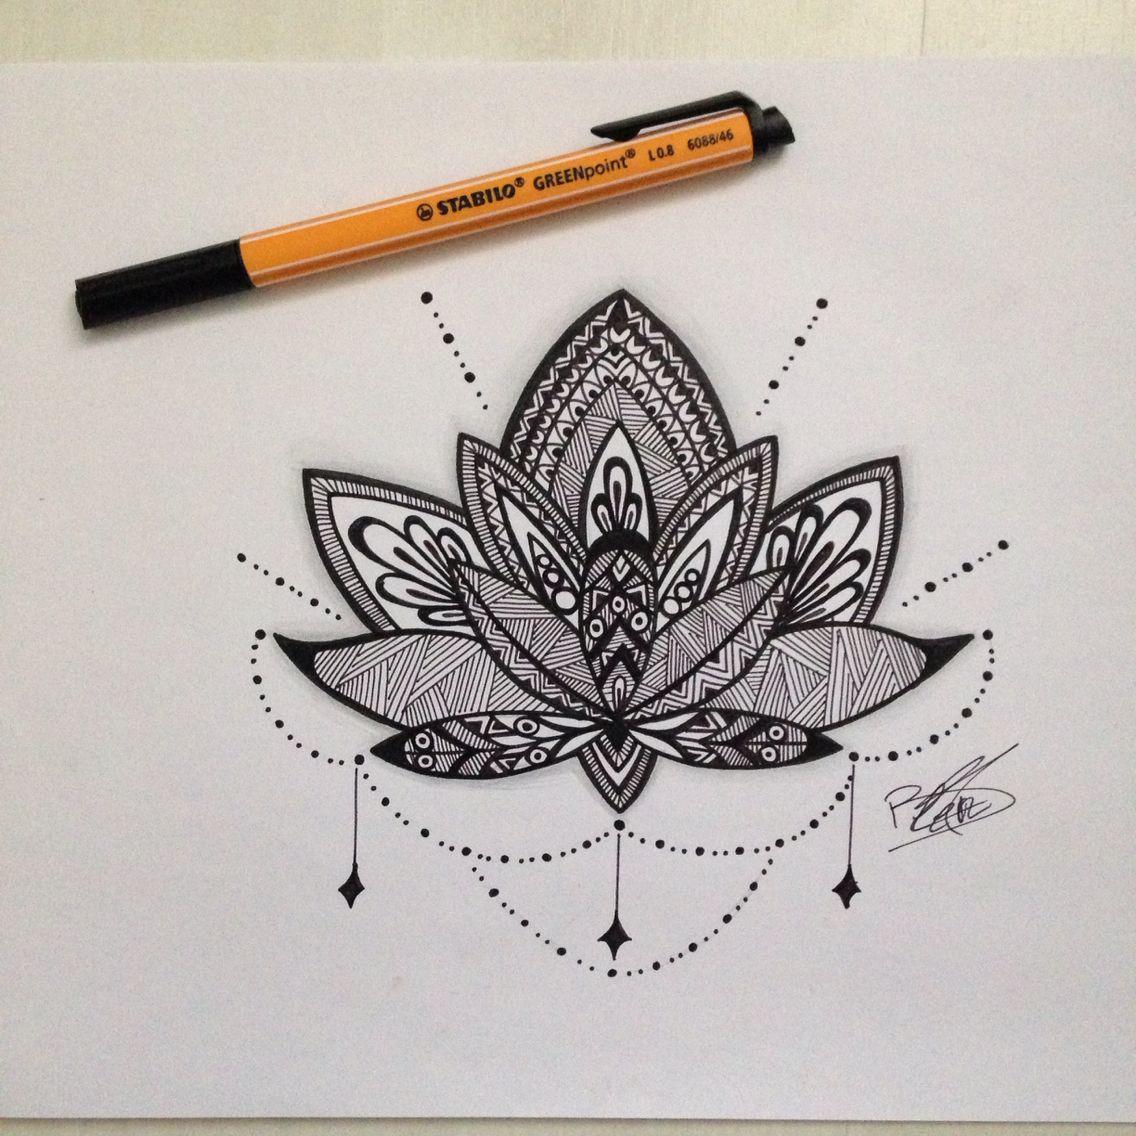 Beliebt Dessin mandala fleur de lotus | Dessin | Pinterest | Fleurs de  TG49